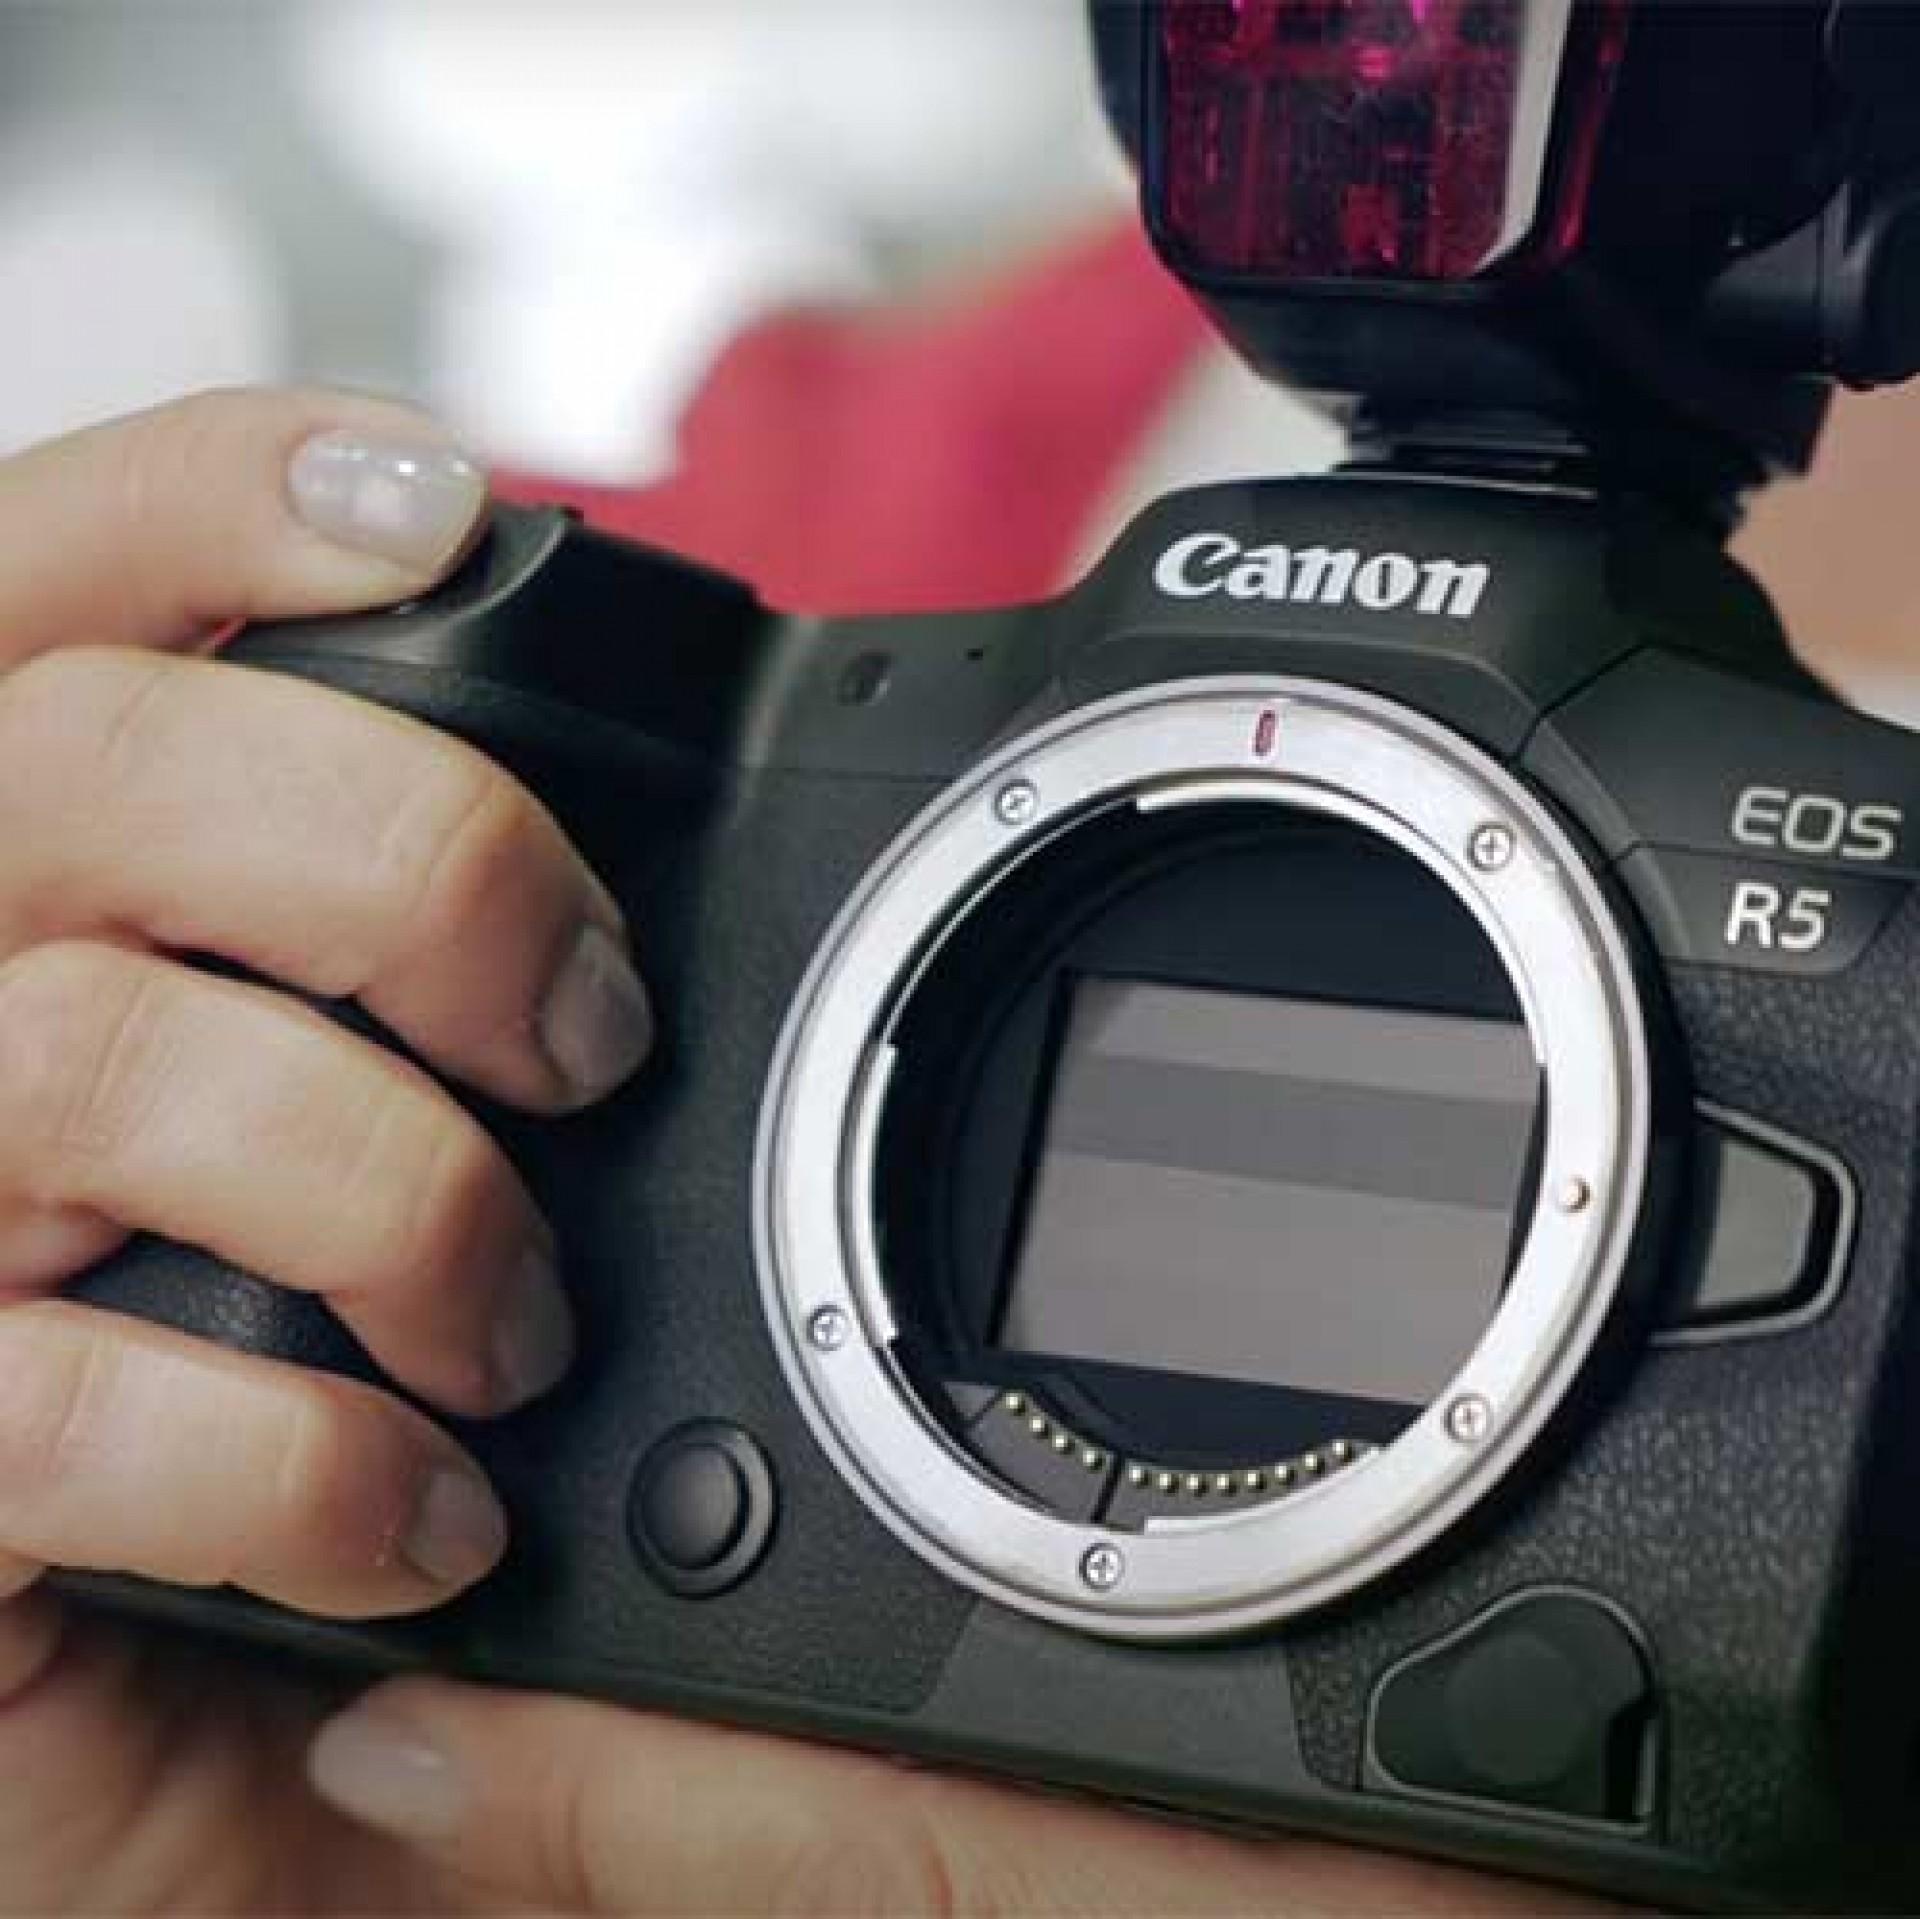 Blitzen mit spiegellosen Canon Kameras, EOS R, EOS RP, EOS R5, EOS R6, E-TTL Blitzen